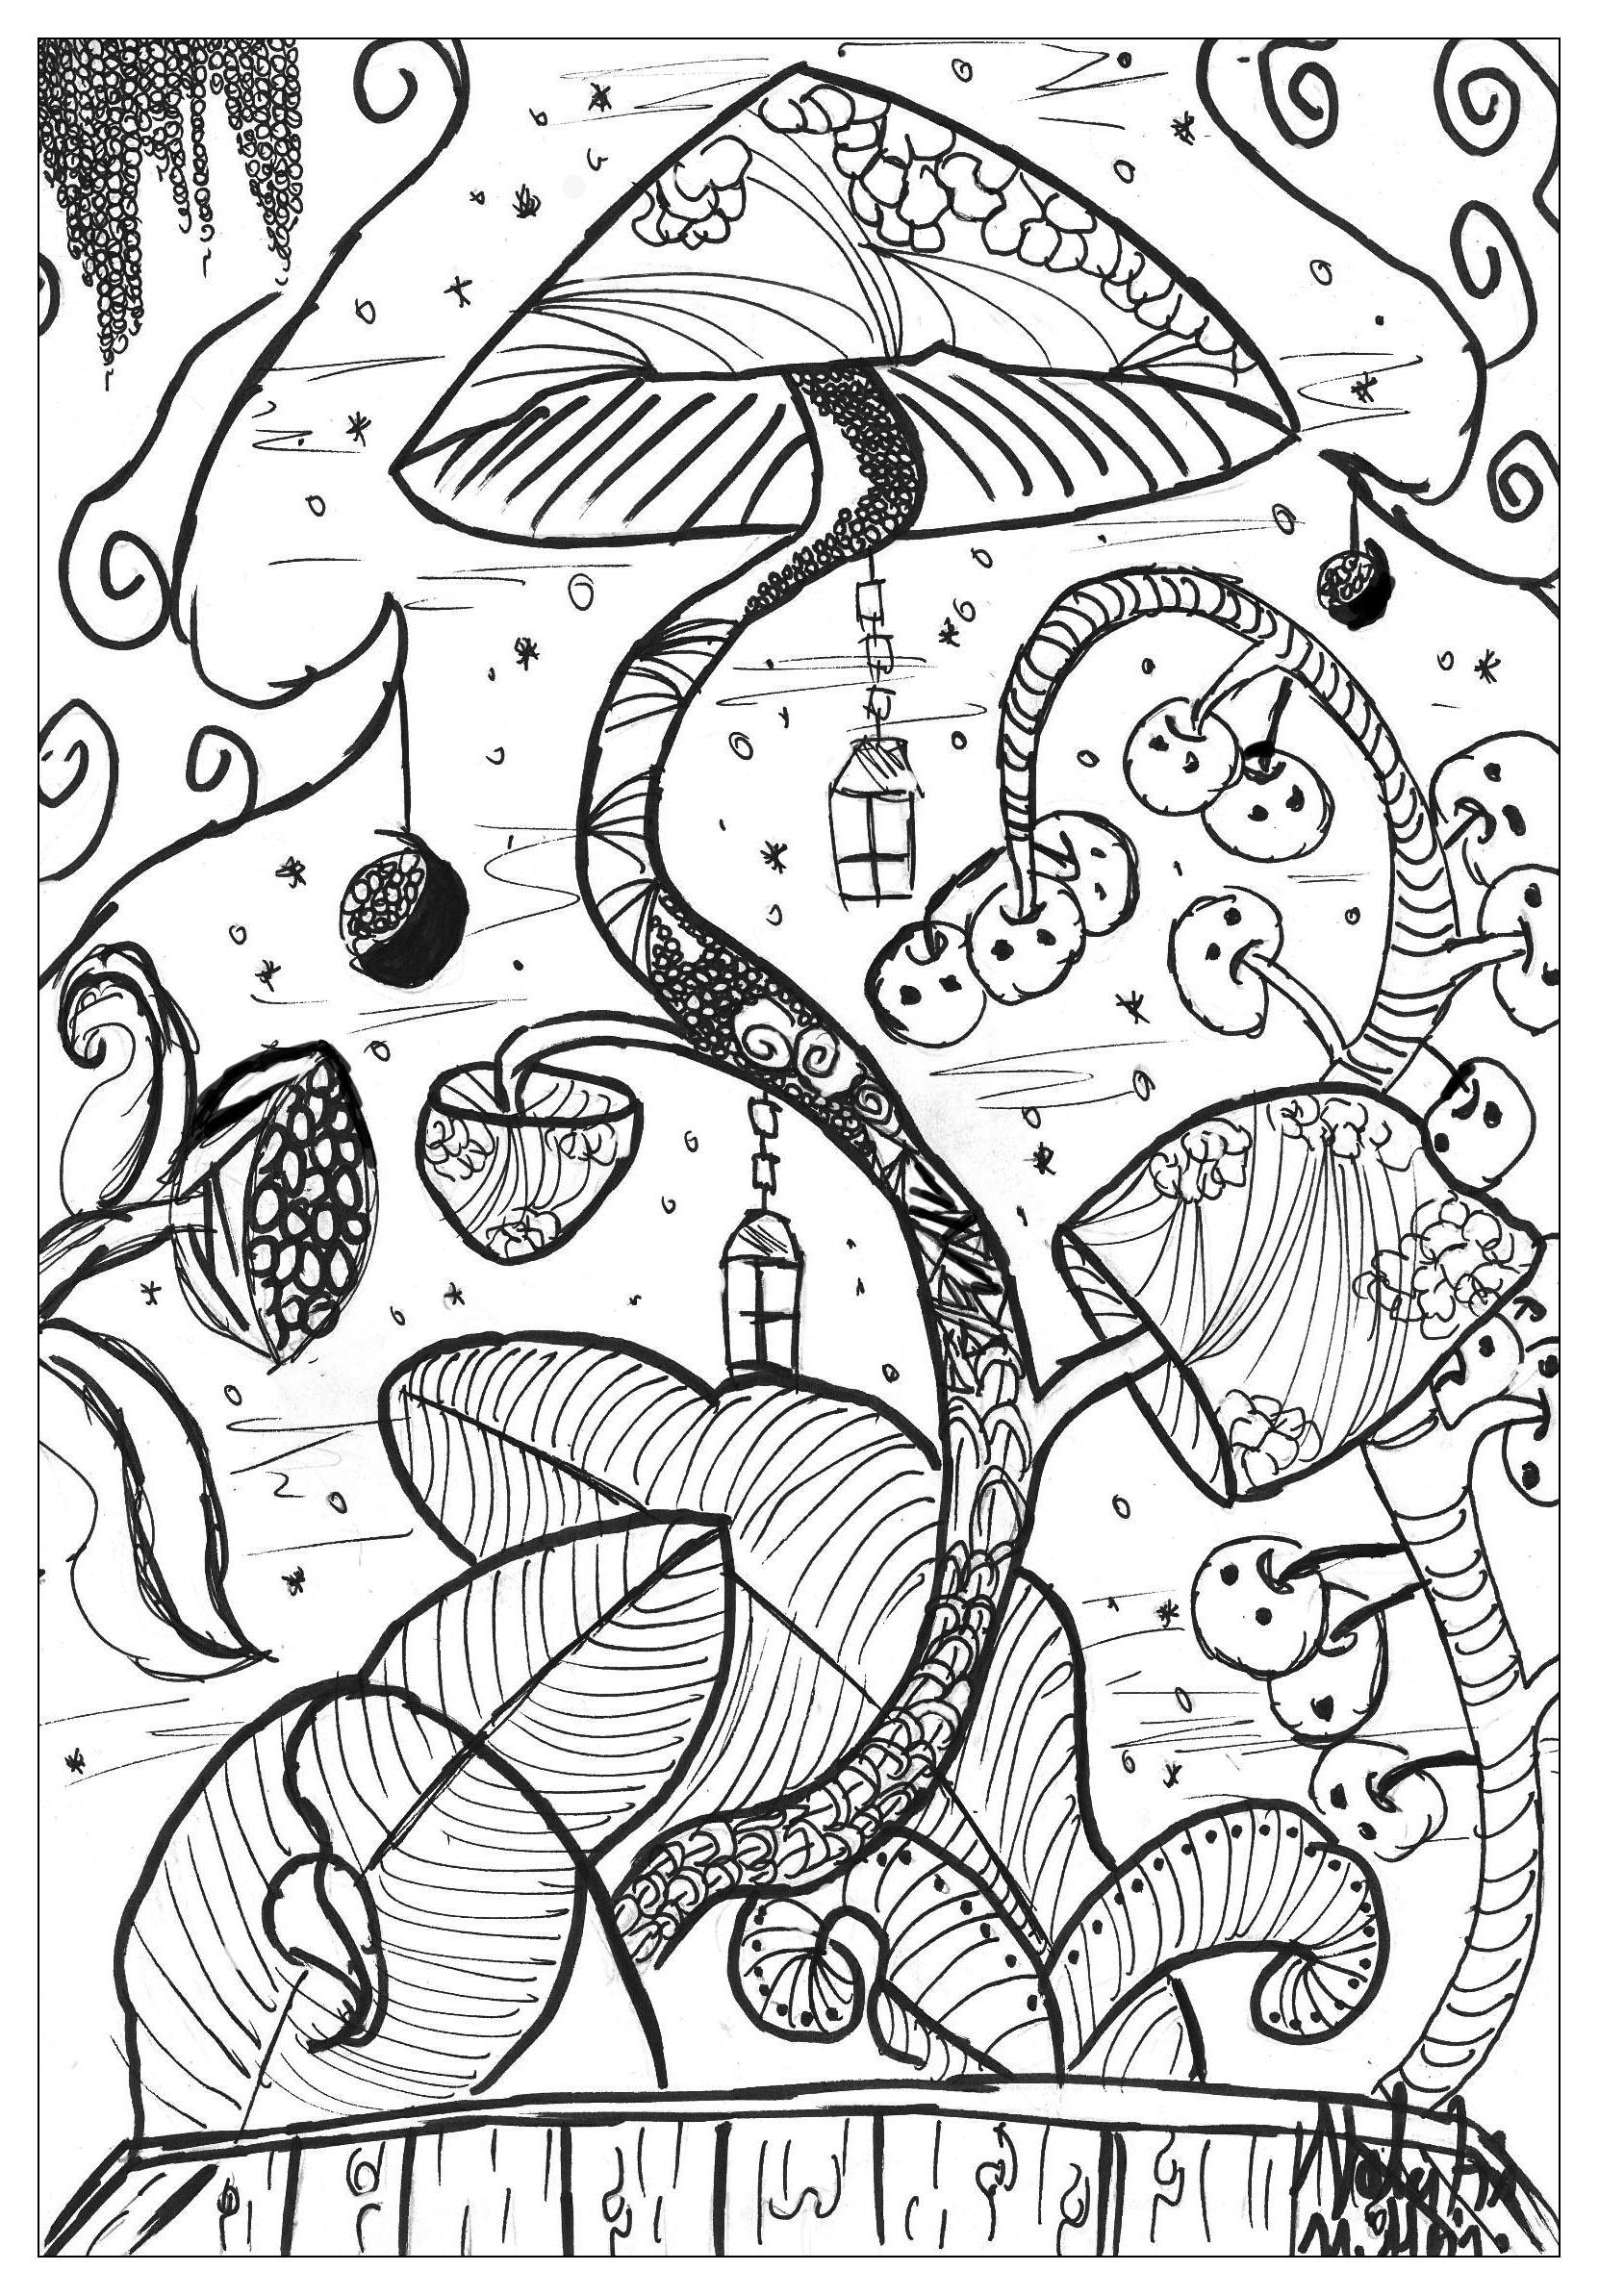 Flowers And Vegetation Mushroom